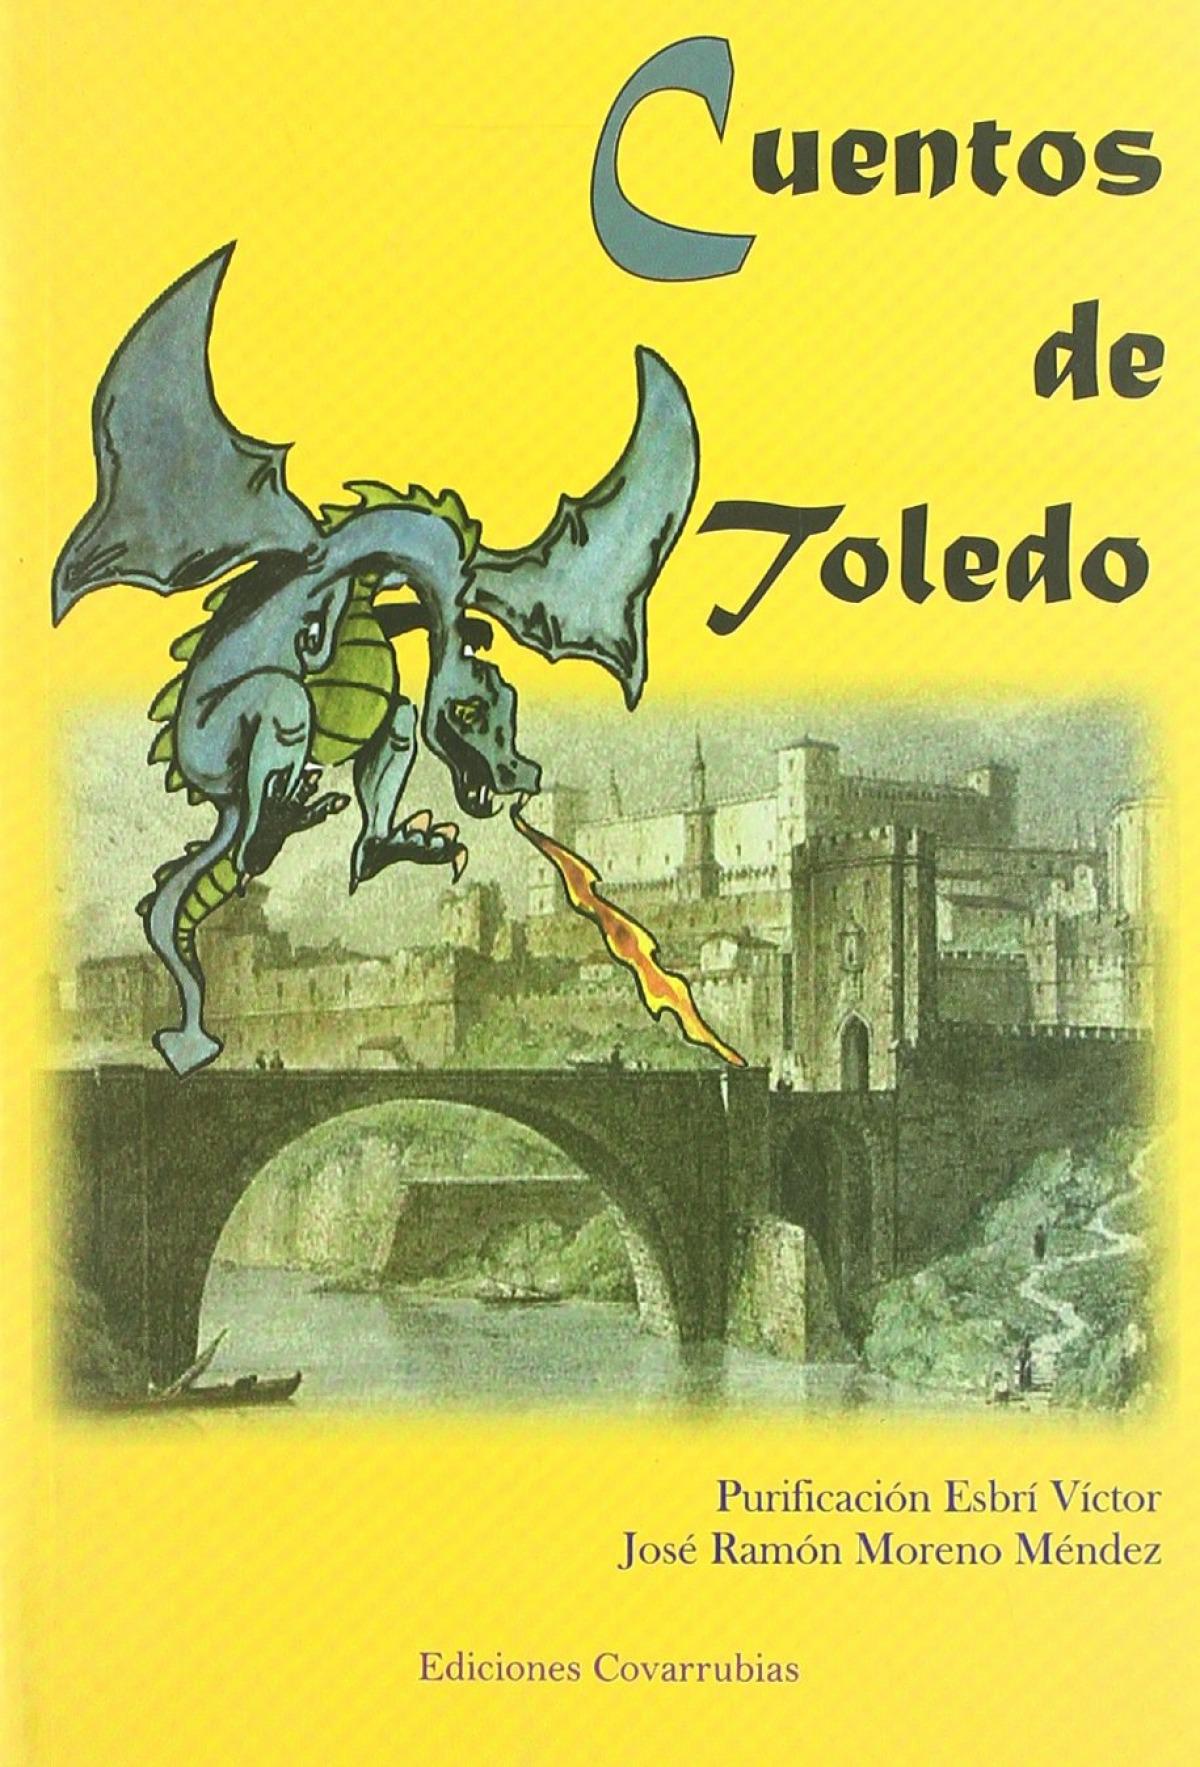 Cuentos de Toledo - Moreno Méndez, José Ramón / Esbrí Víctor, Purificación María